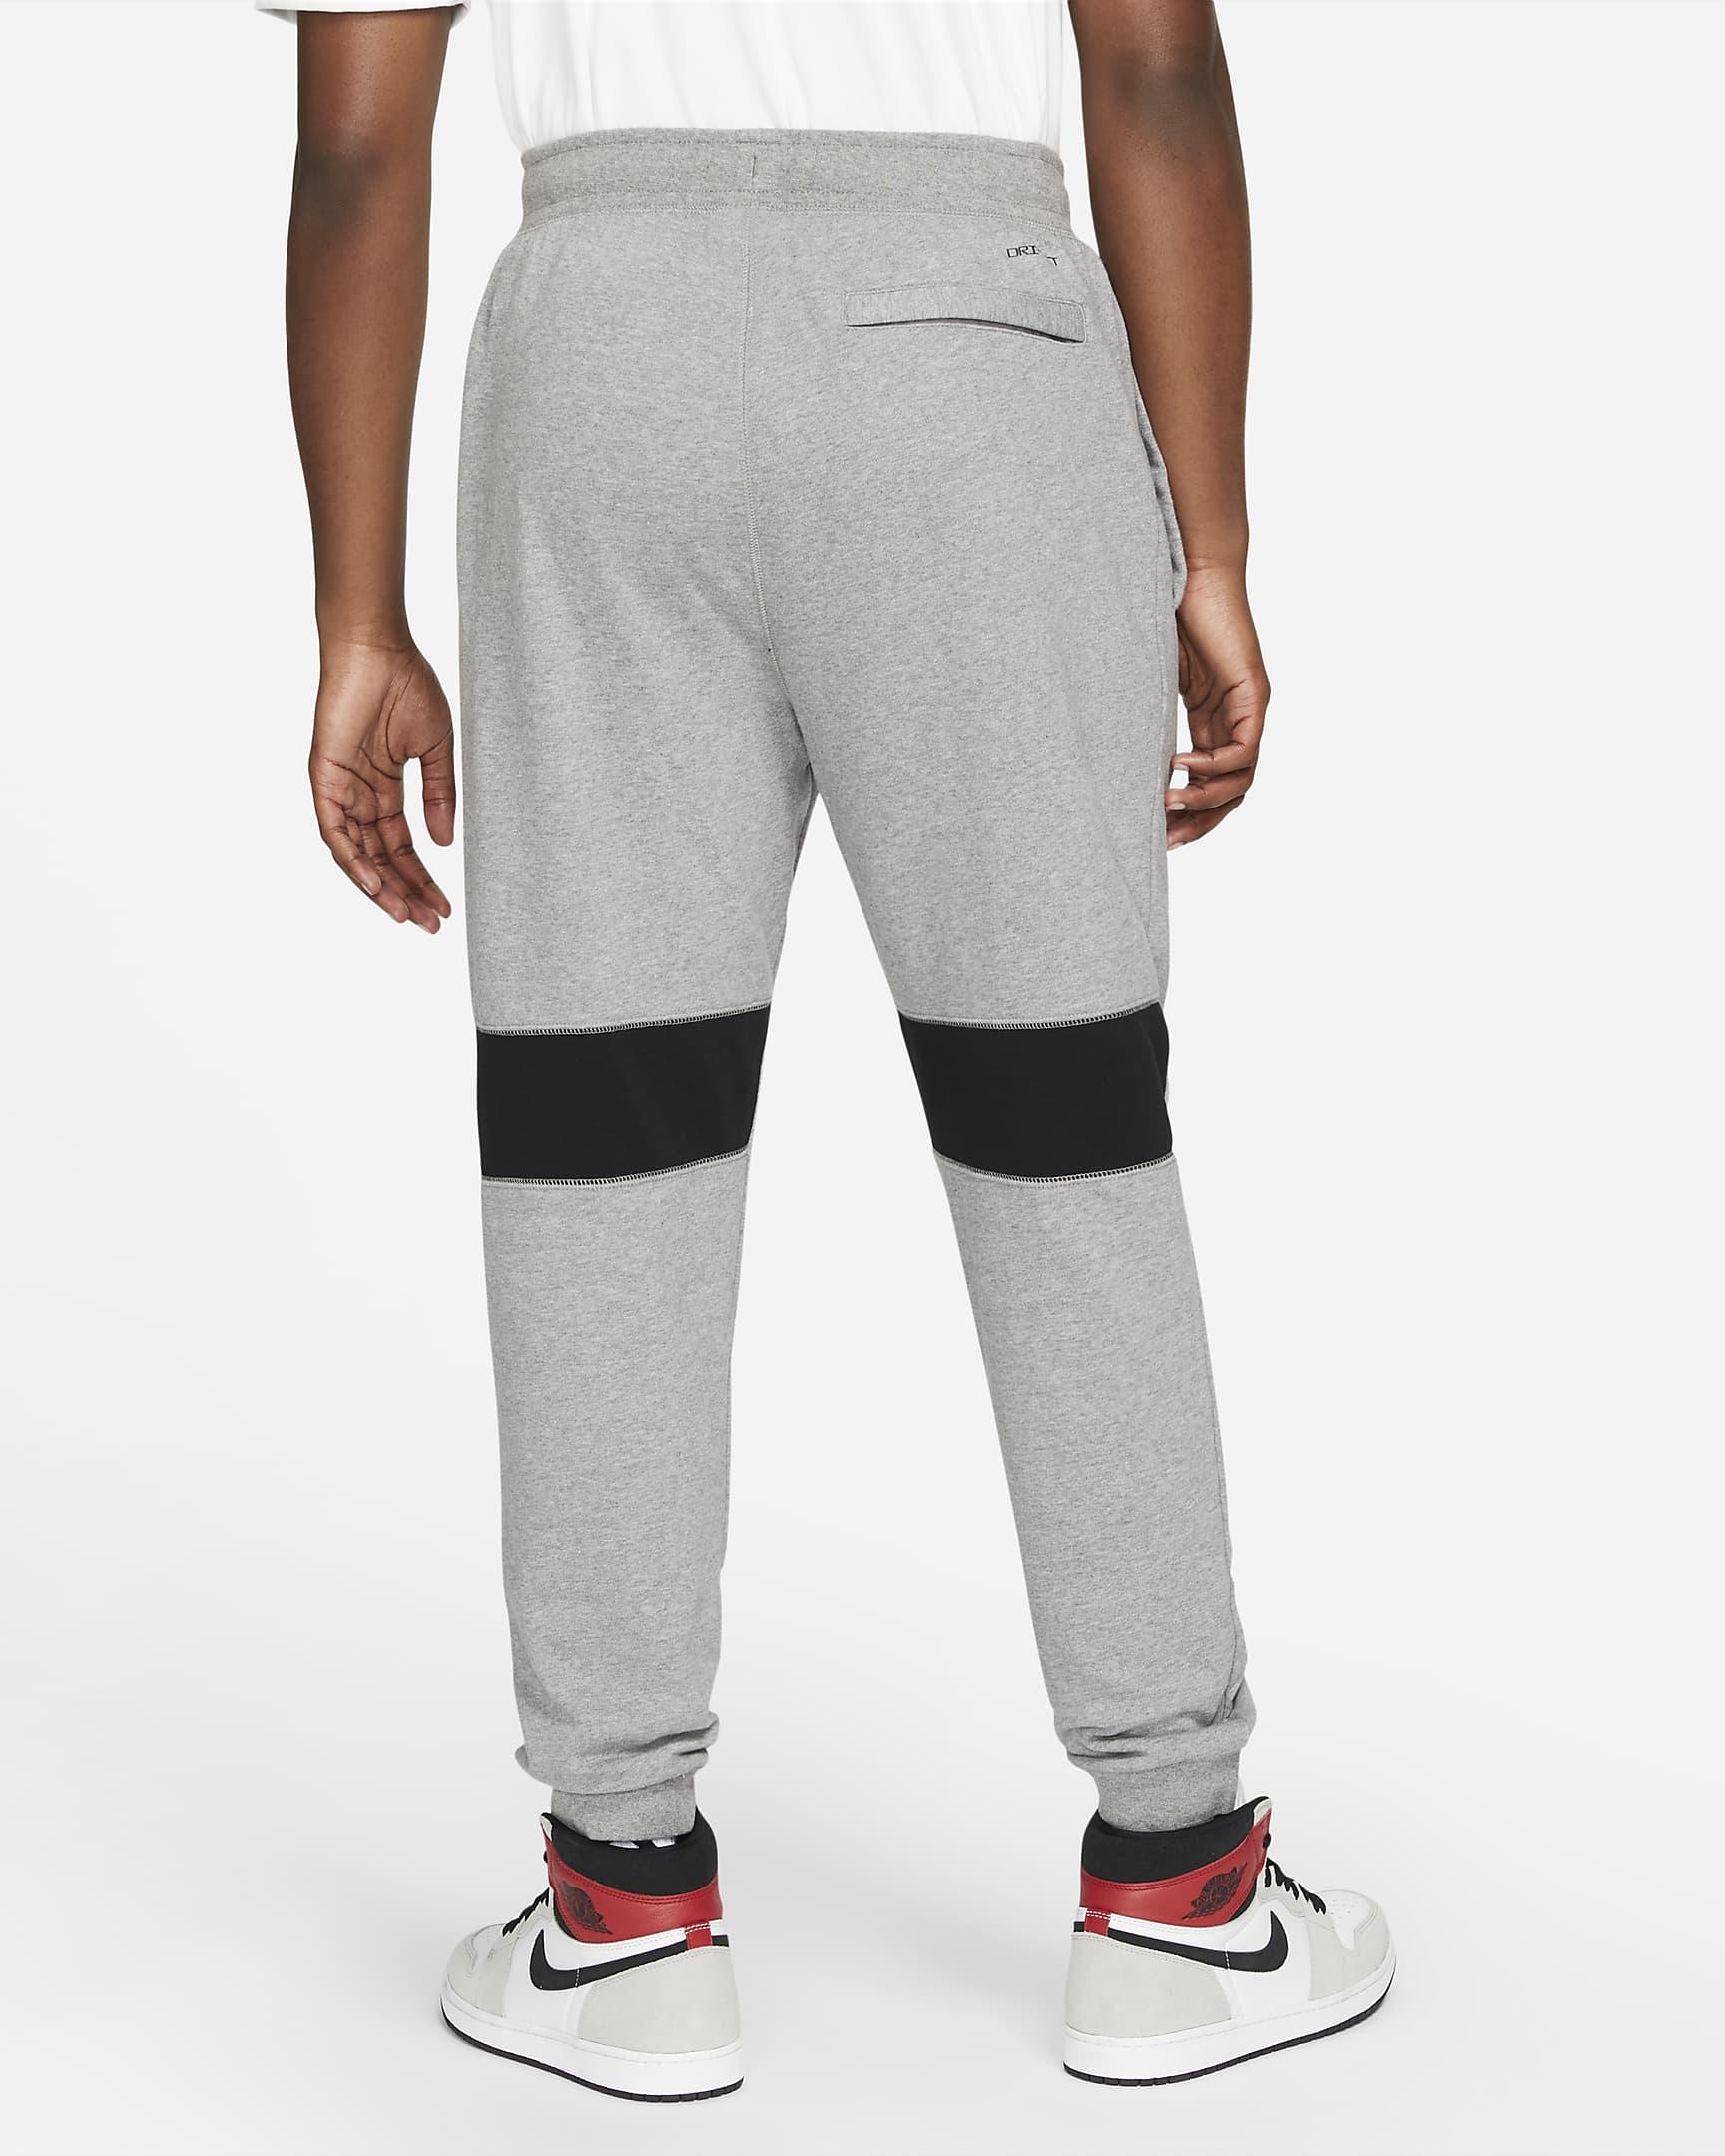 jordan-dri-fit-air-mens-fleece-pants-5bQBdM-1.png